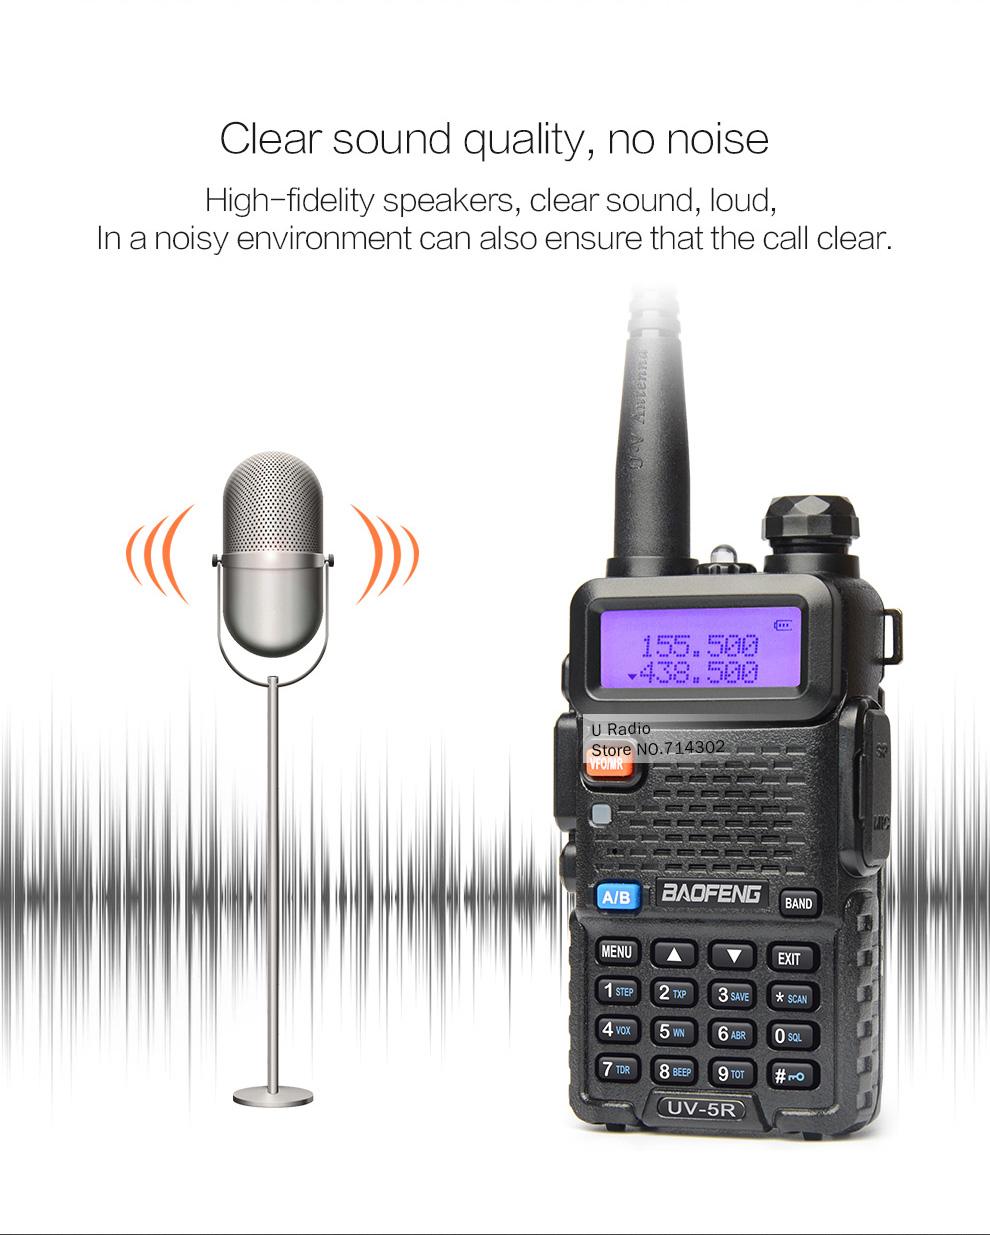 5x Baofeng UV-5R Two Way Radio 5R 128CH Dual Band VHF UHF